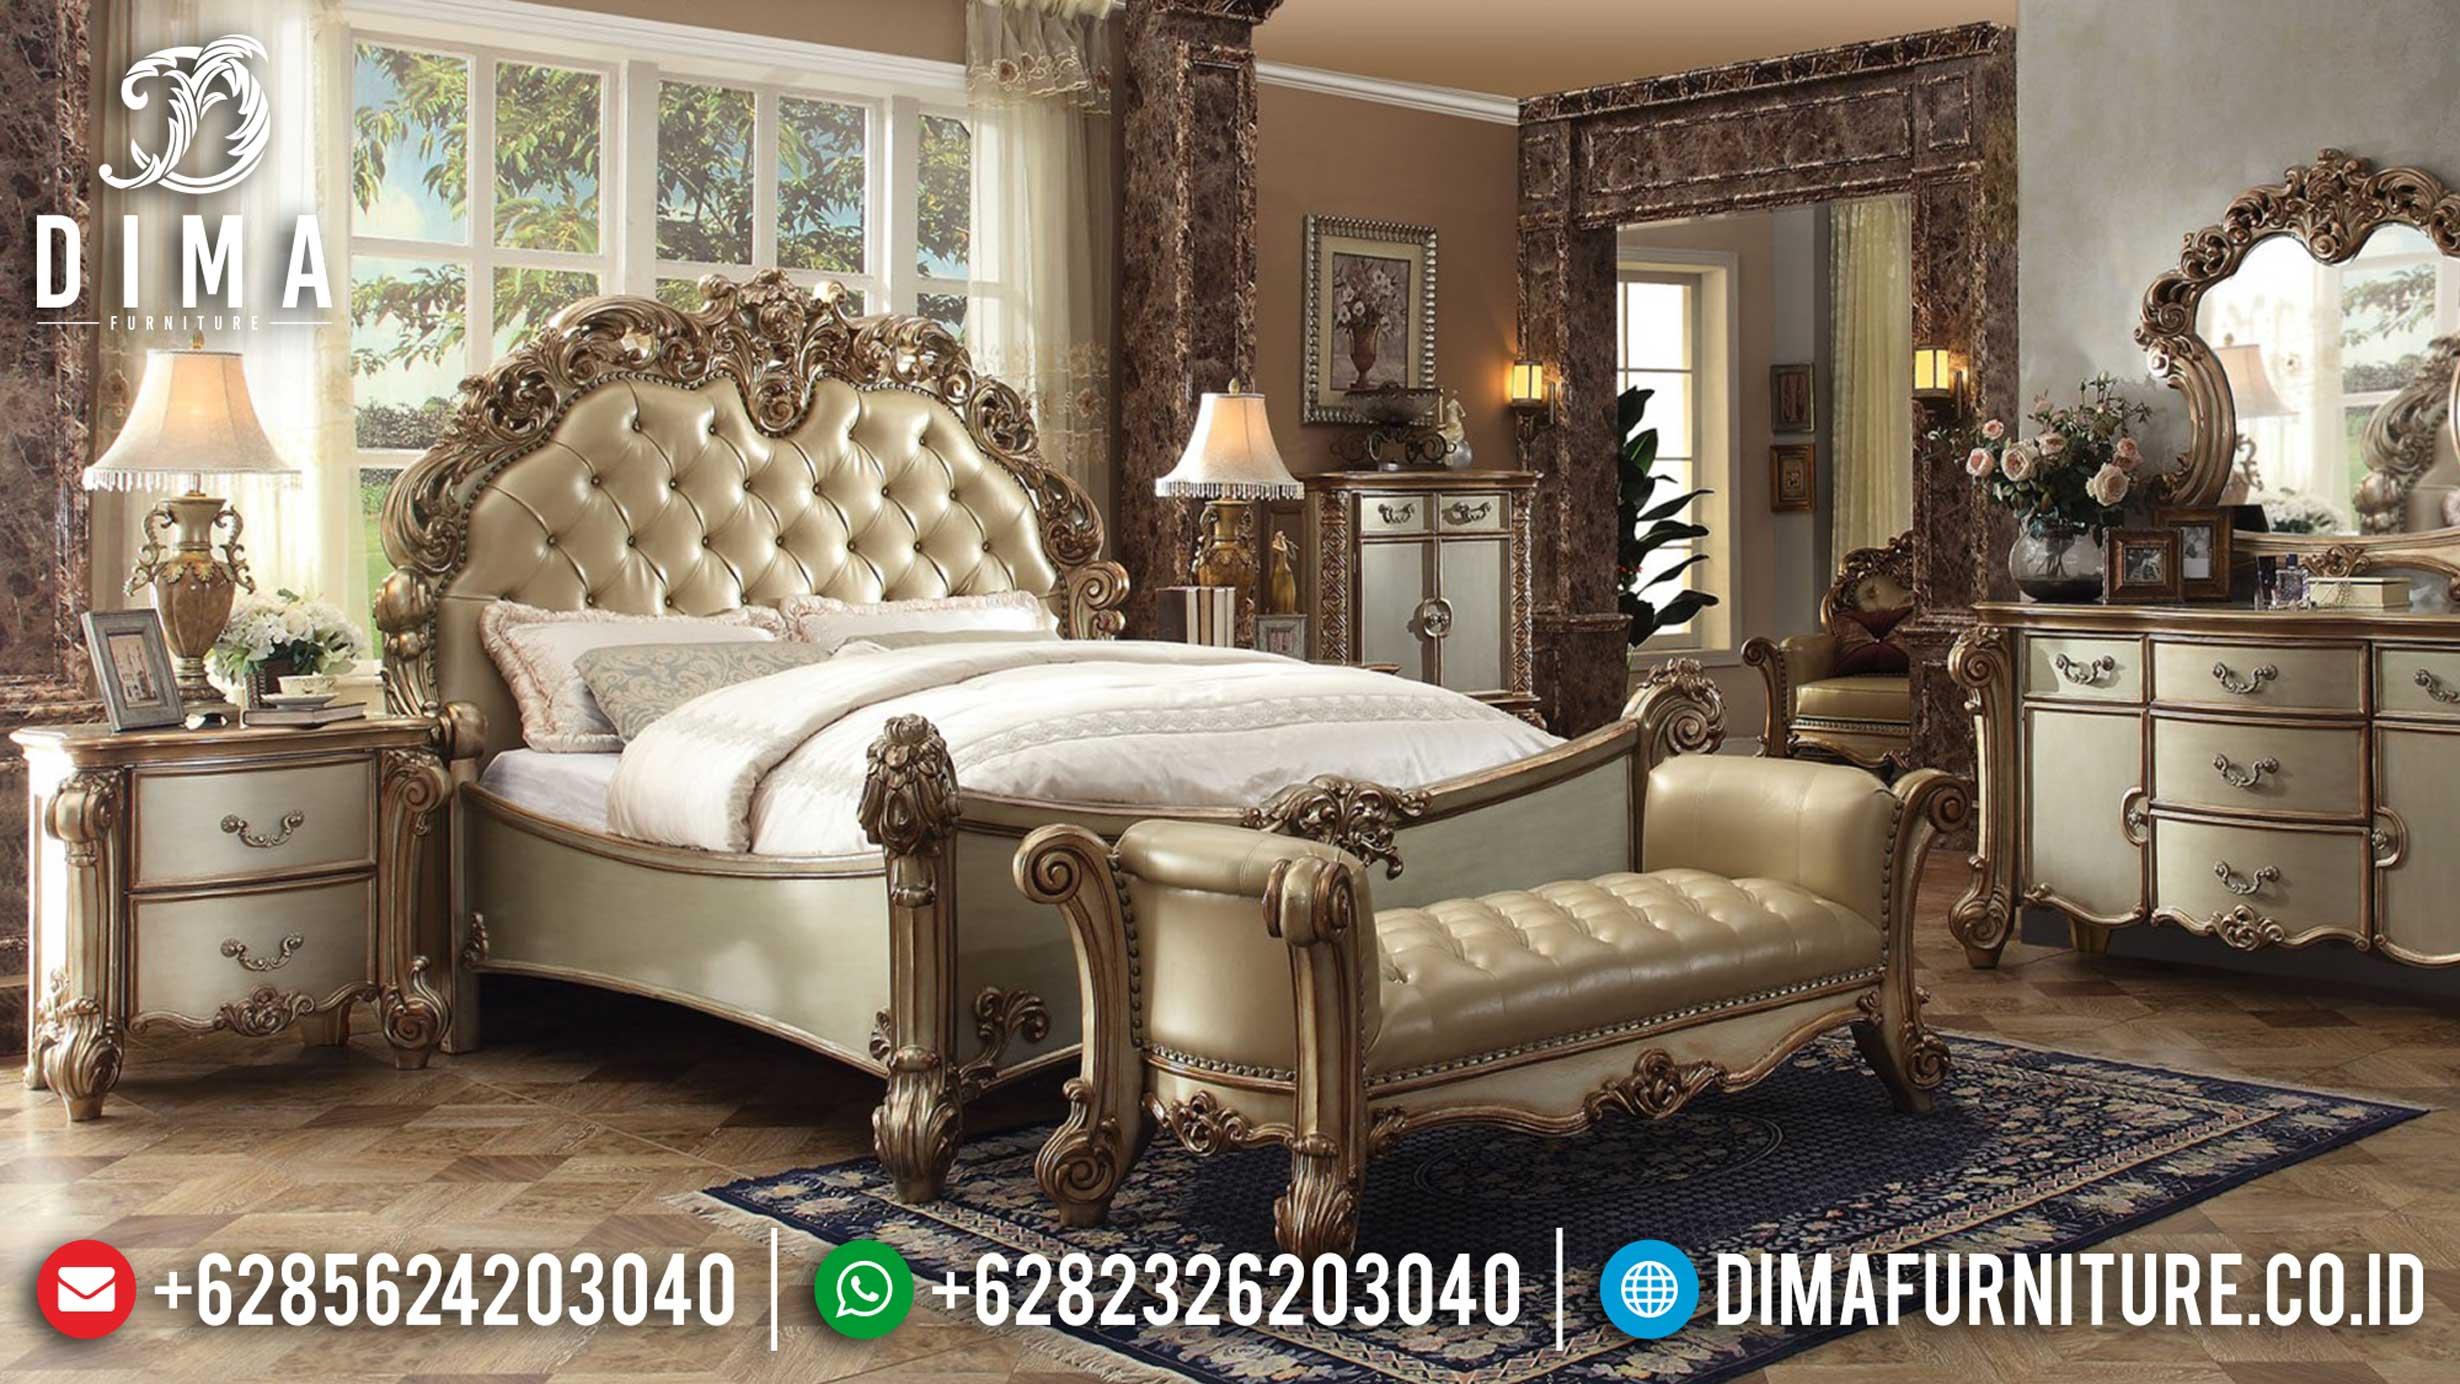 Set Kamar Tidur Mewah Ukiran Klasik, Kamar Set Mewah Jepara, Tempat Tidur Terbaru DF-0379